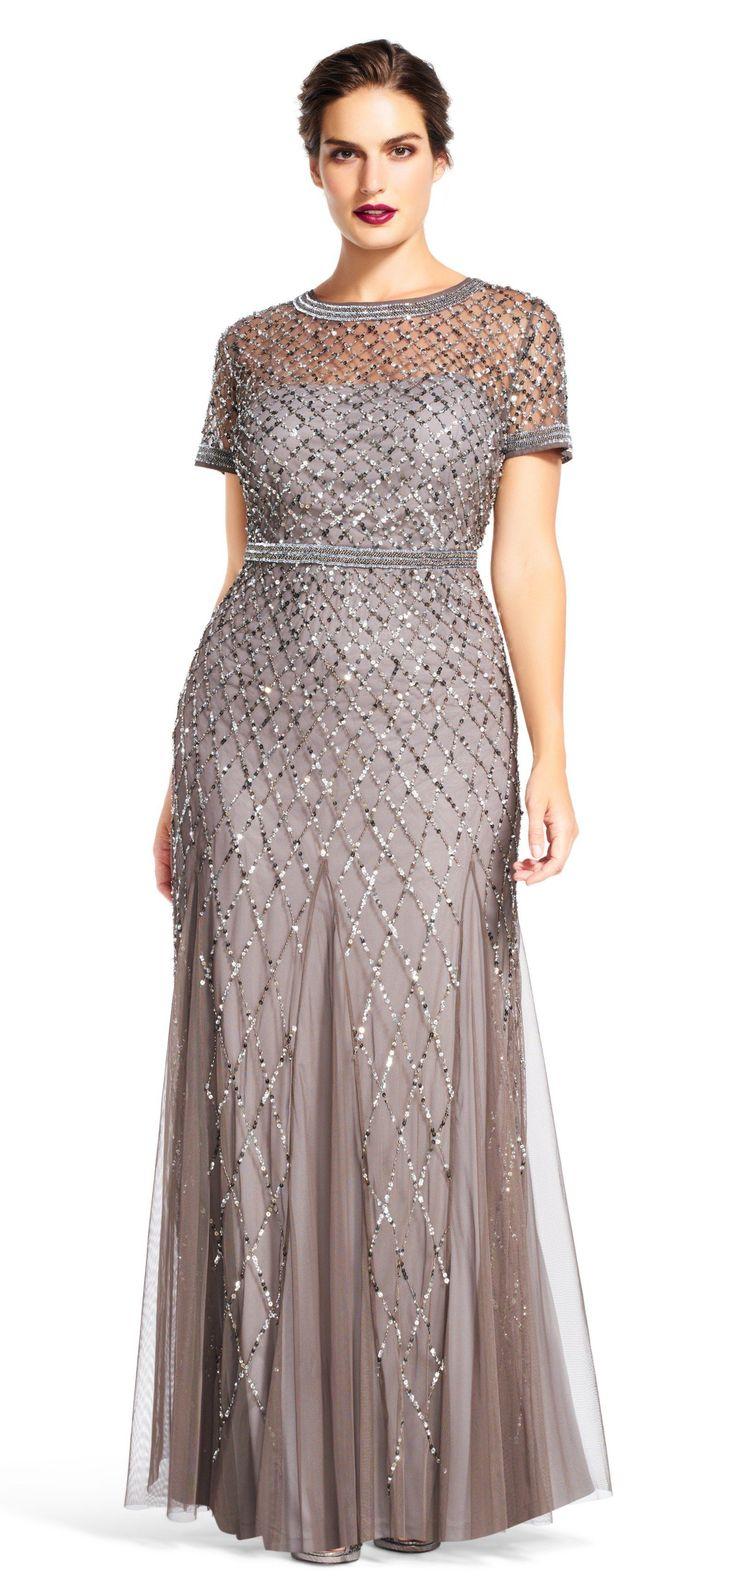 Best 25+ Plus size gowns ideas on Pinterest | Formal dresses long ...